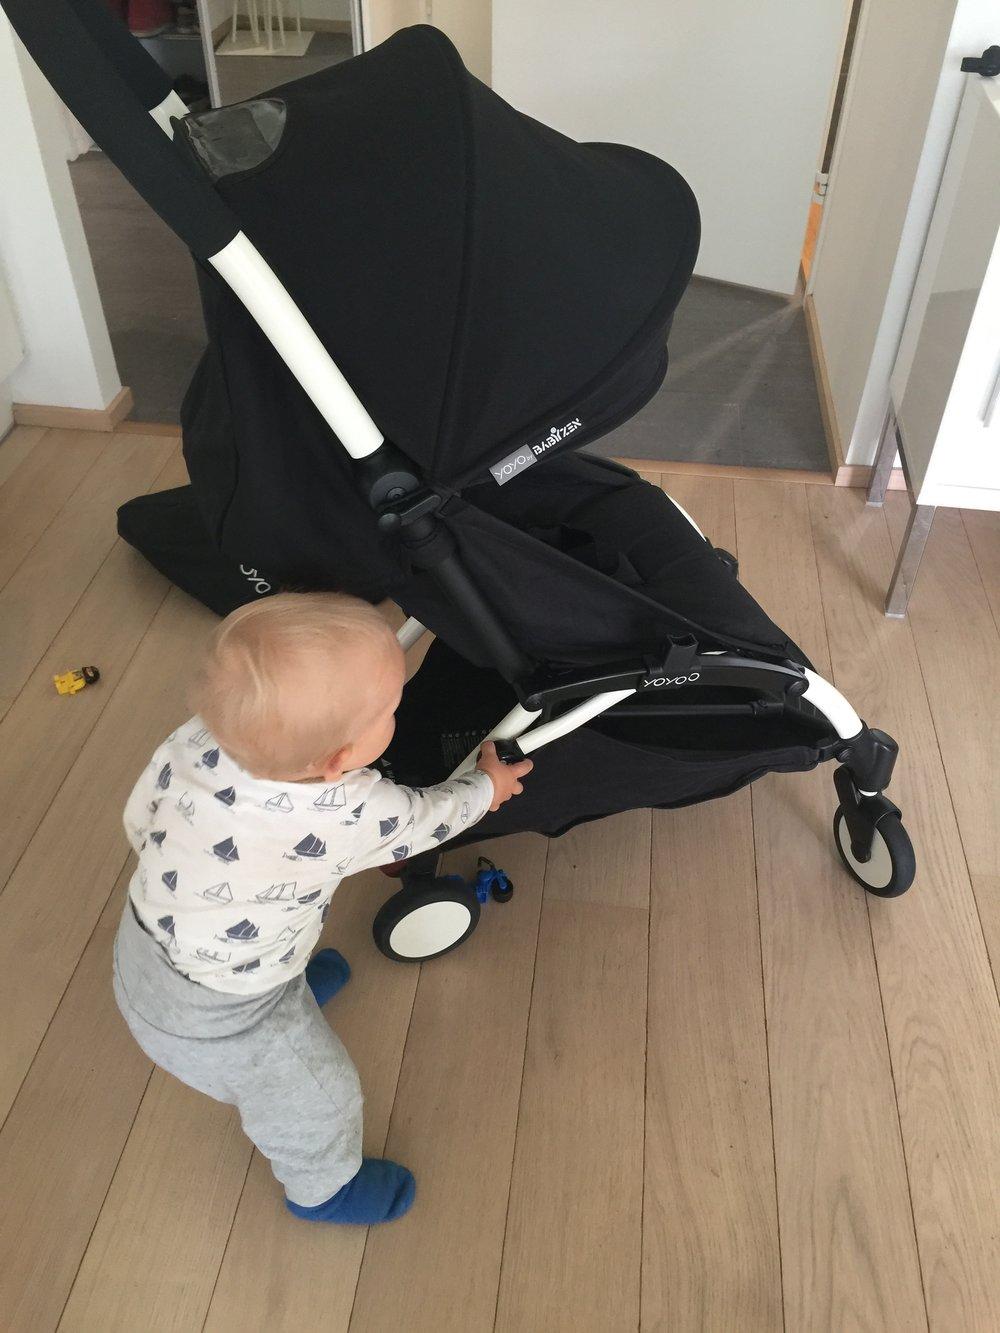 Poikani laittaa rattaita vuokrauskuntoon.